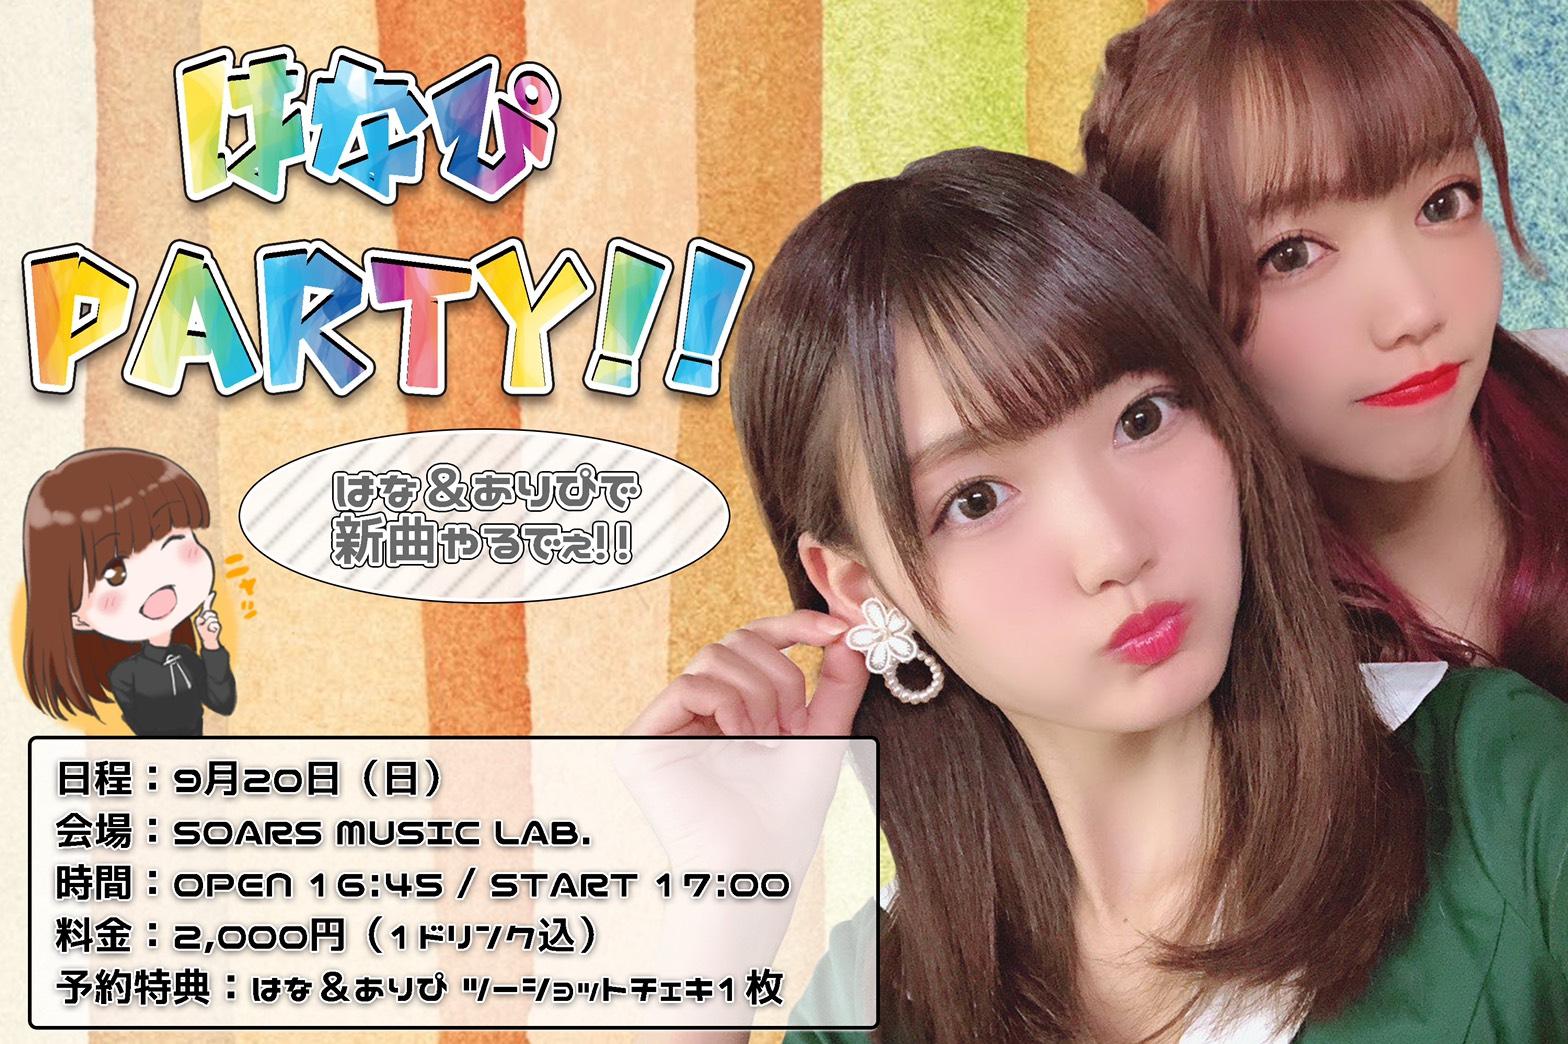 はなぴPARTY!!